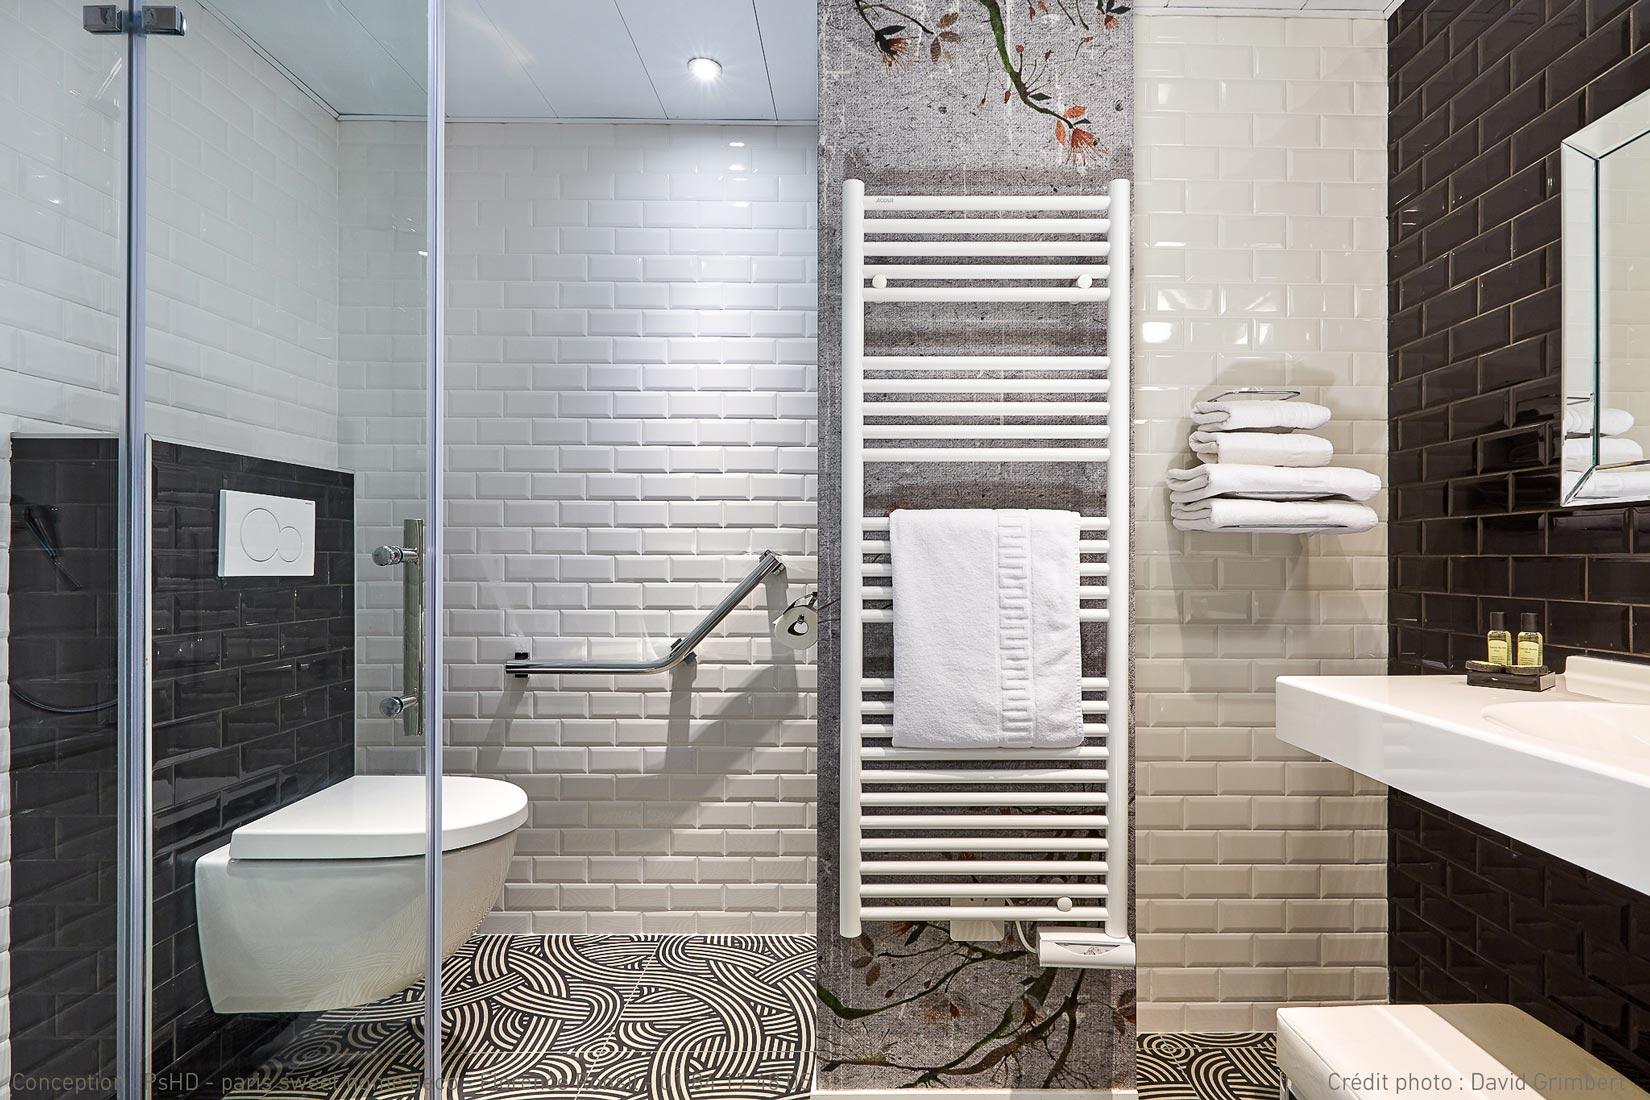 paris sweet home deco HOTEL daguerre Montparnasse rénovation décoration salle de bain